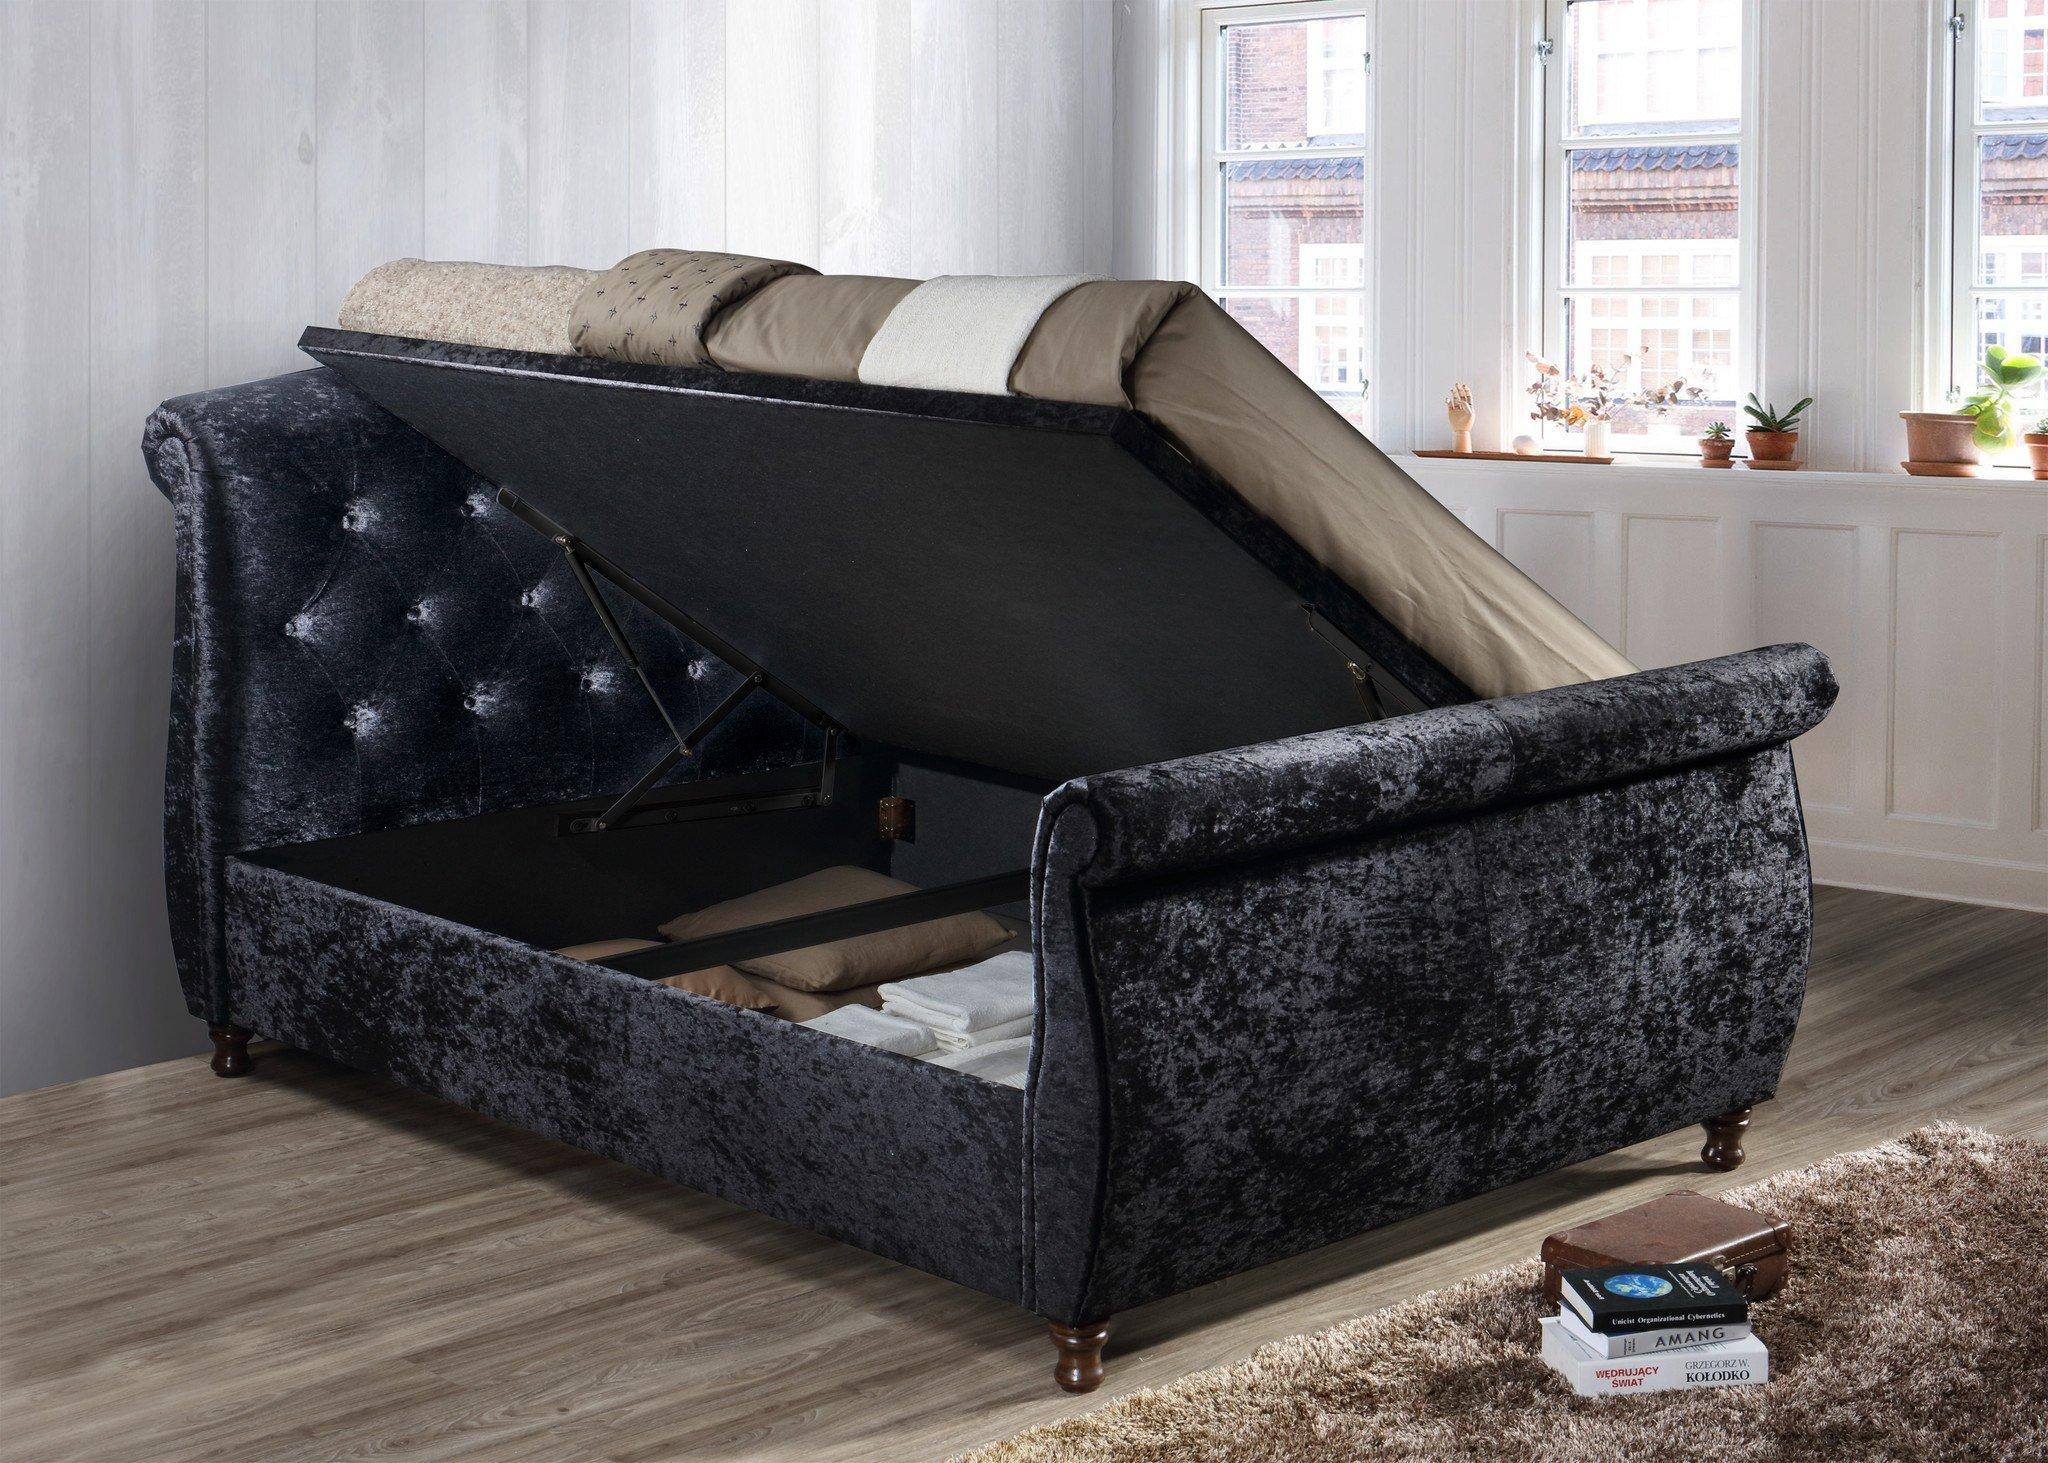 birlea toulouse side ottoman bed frame online bed. Black Bedroom Furniture Sets. Home Design Ideas